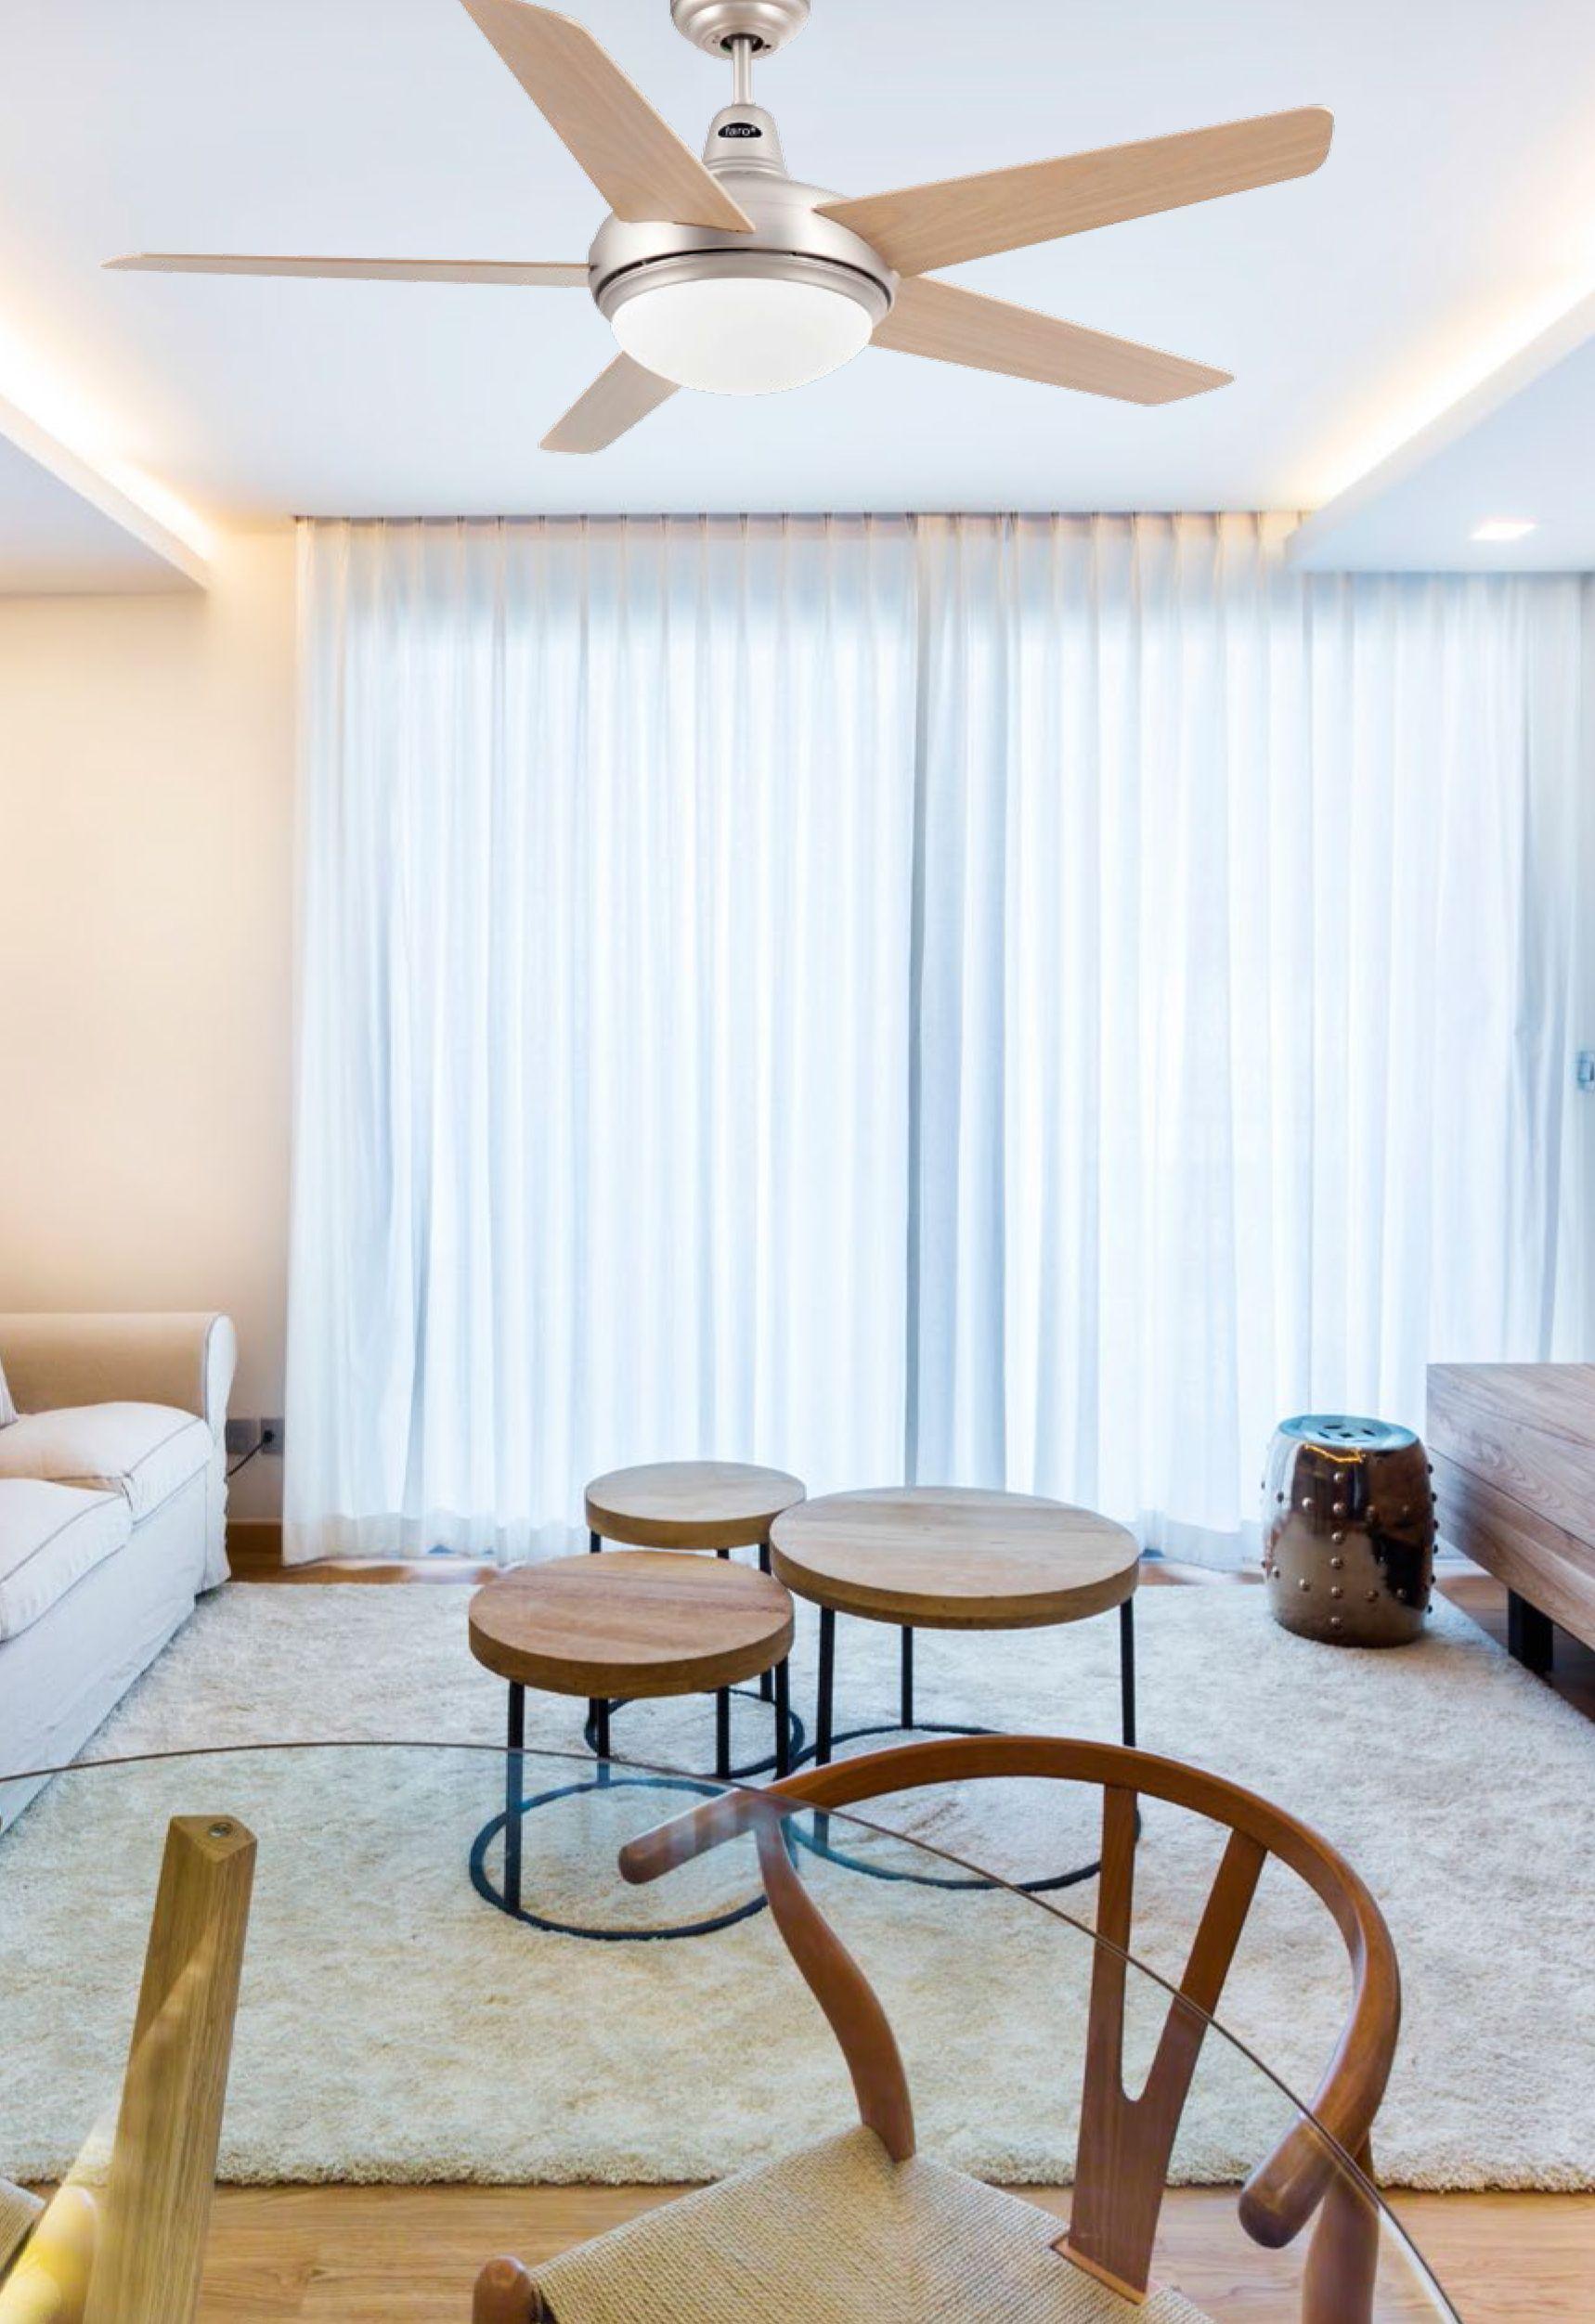 Ovni ventilador de techo oro viejo fans ventiladores ventiladores de techo lampara - Ventiladores con luz ...